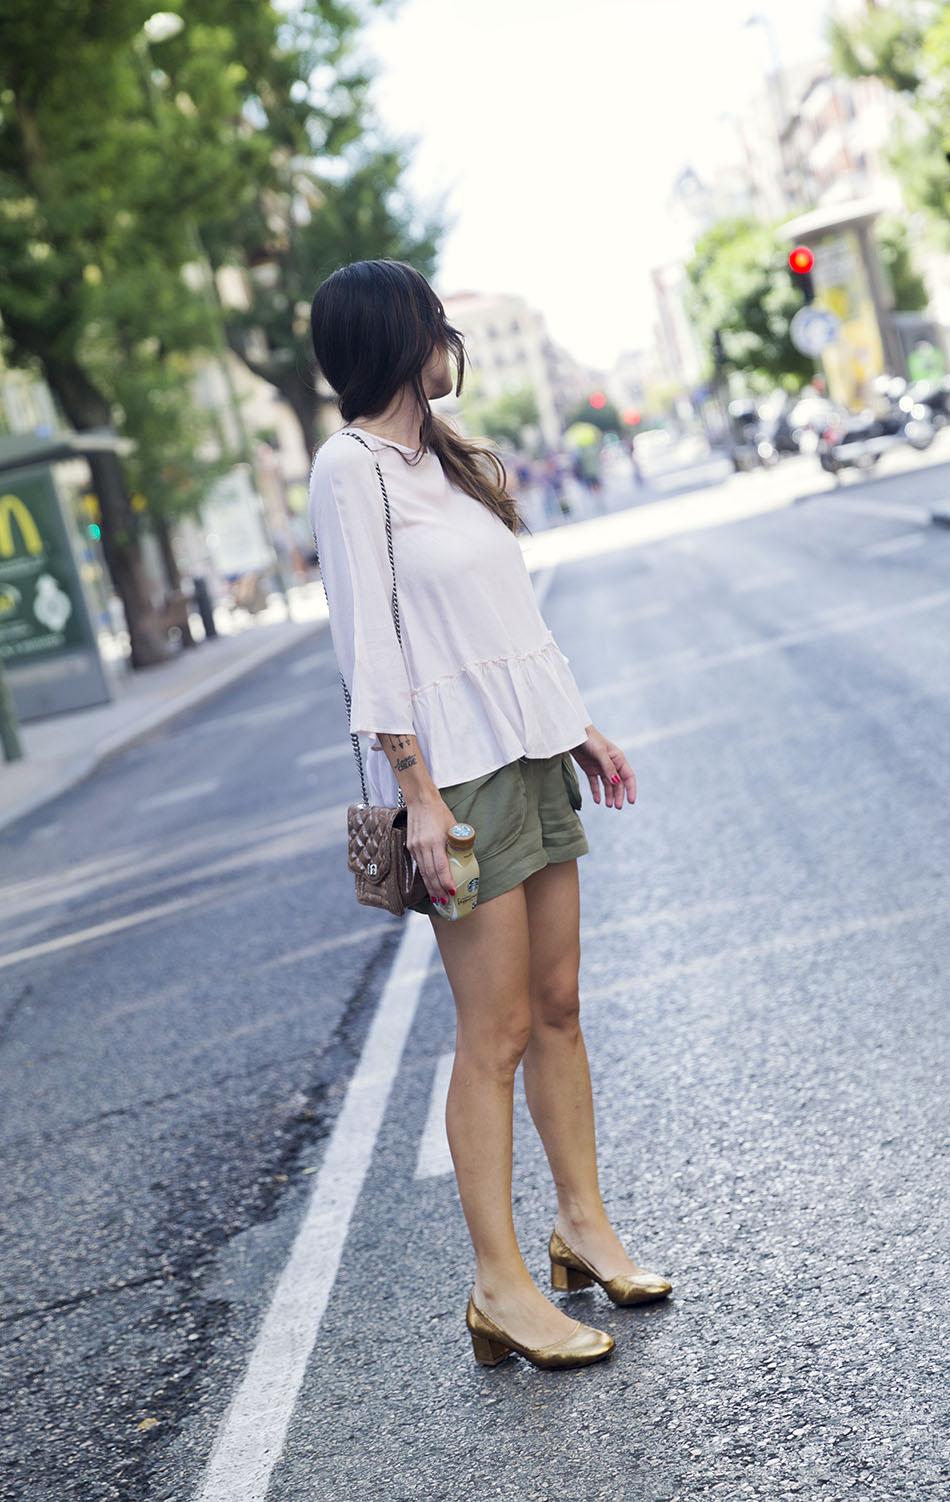 look de street style con camisa en color nude , manga al codo y volante en el bajo, shorts estilo safari en color verde militar, zapatos en color dorado oscuro y mini bolsito estilo chanel pequeño en color dorado. bebida starbucks